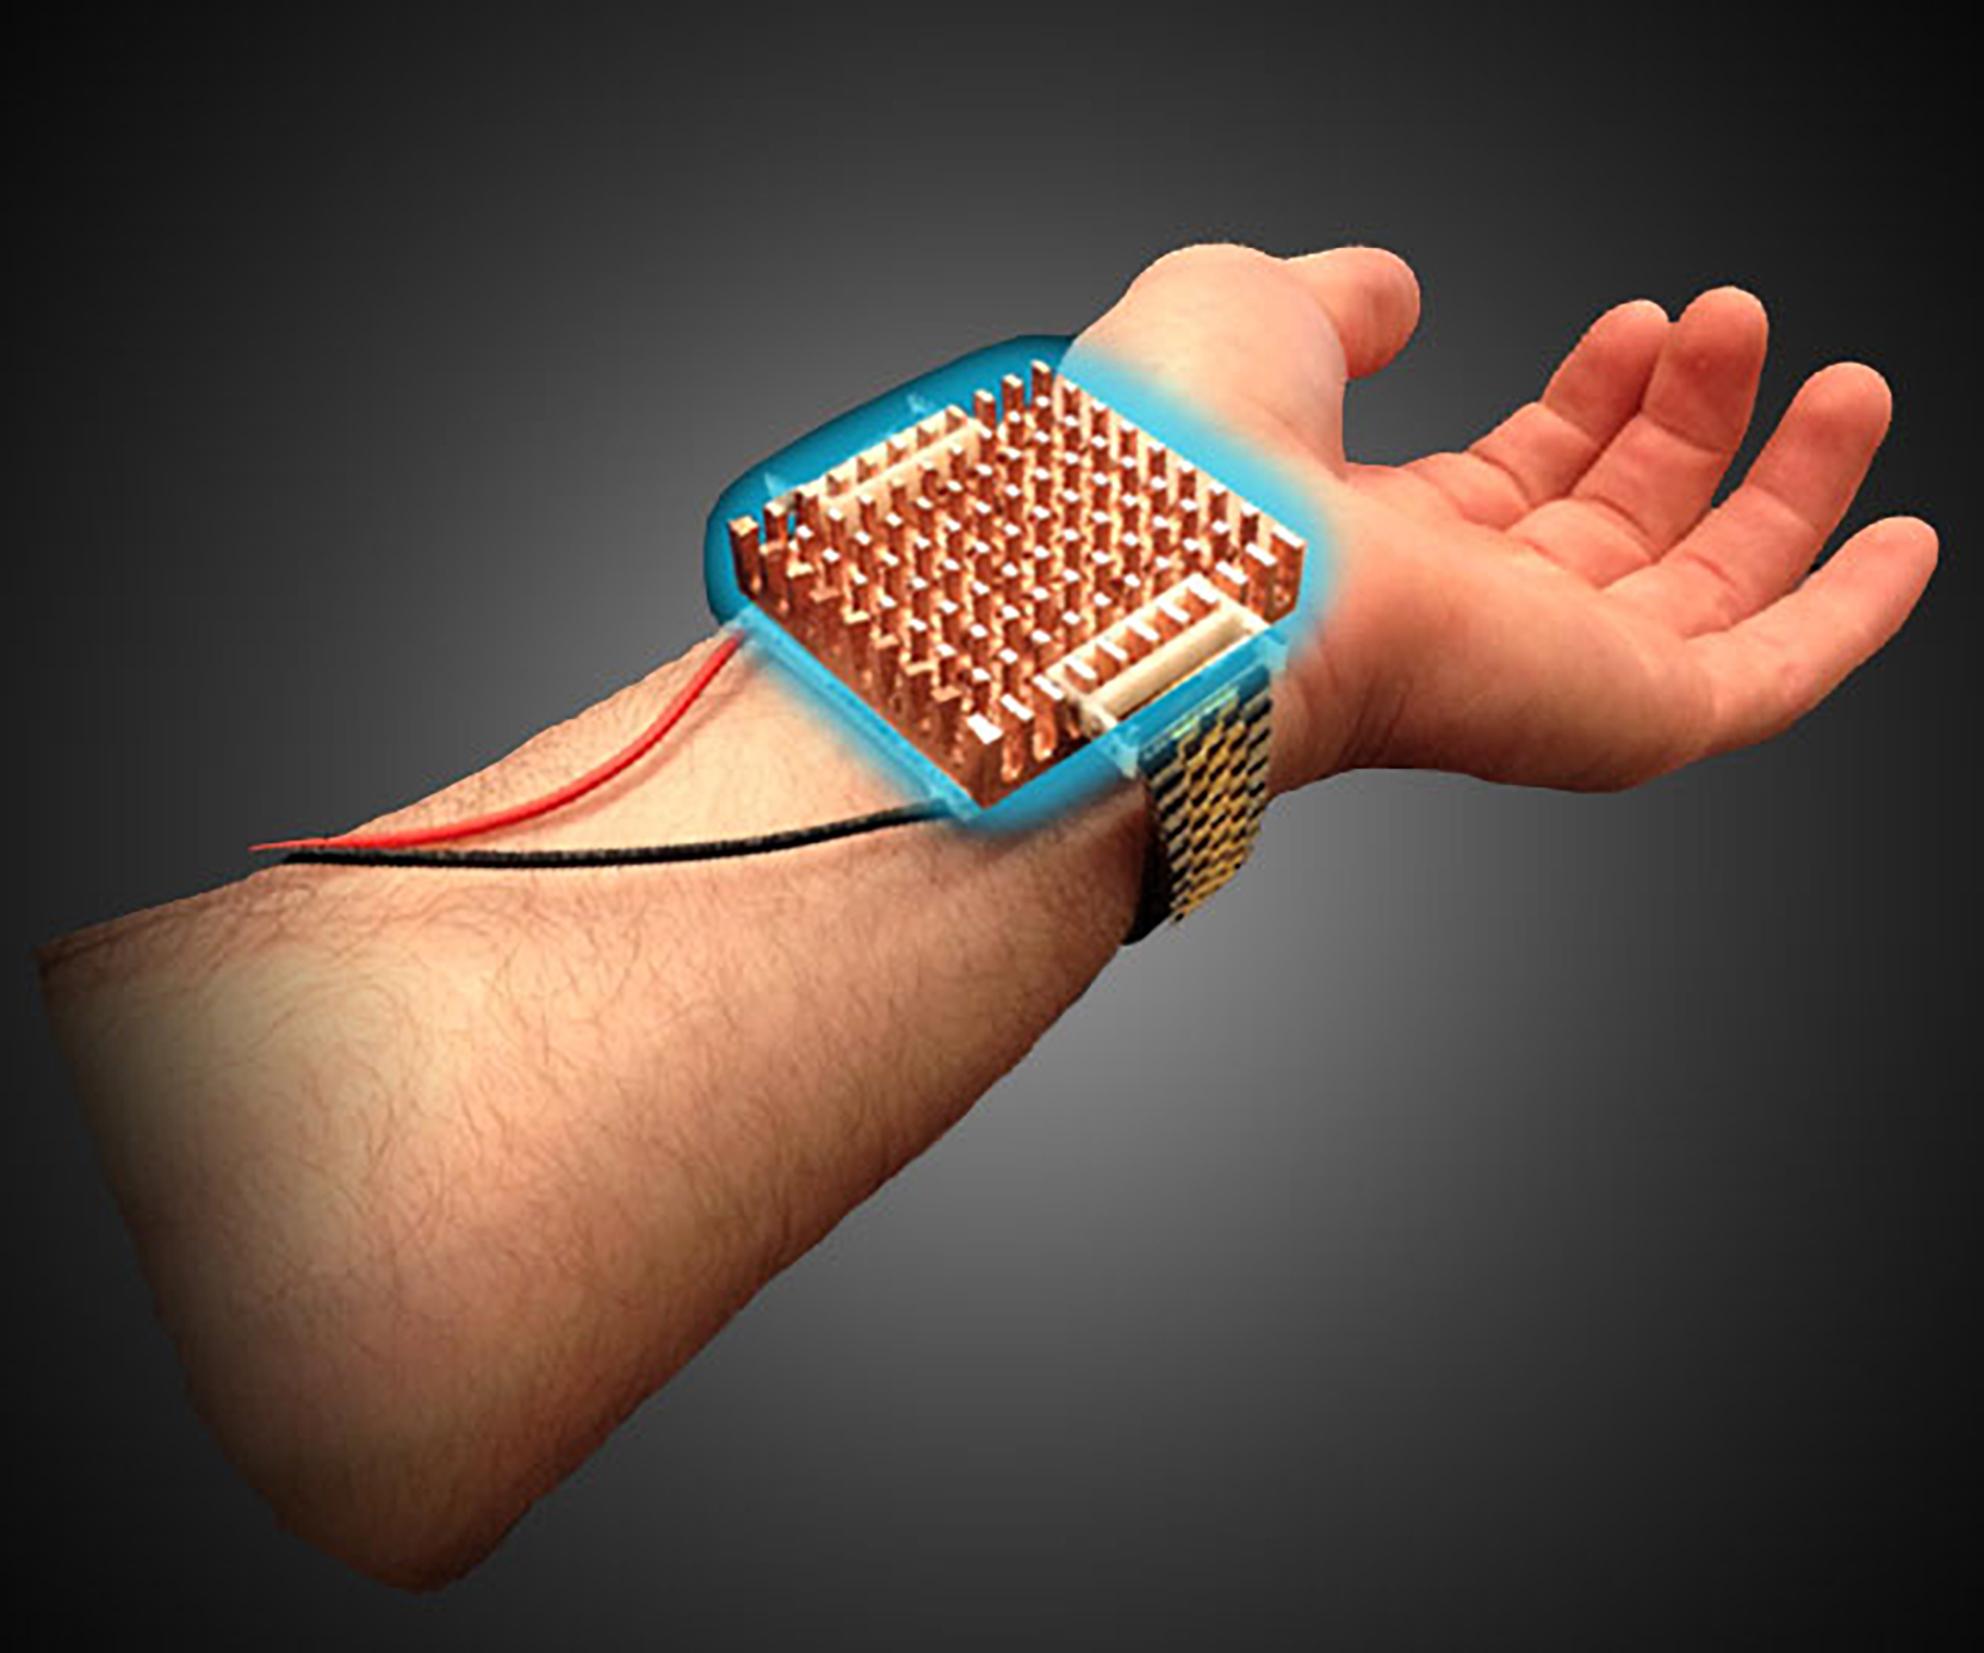 Armband das Wärme- und Kälteempfinden des Körpers beeinflusst